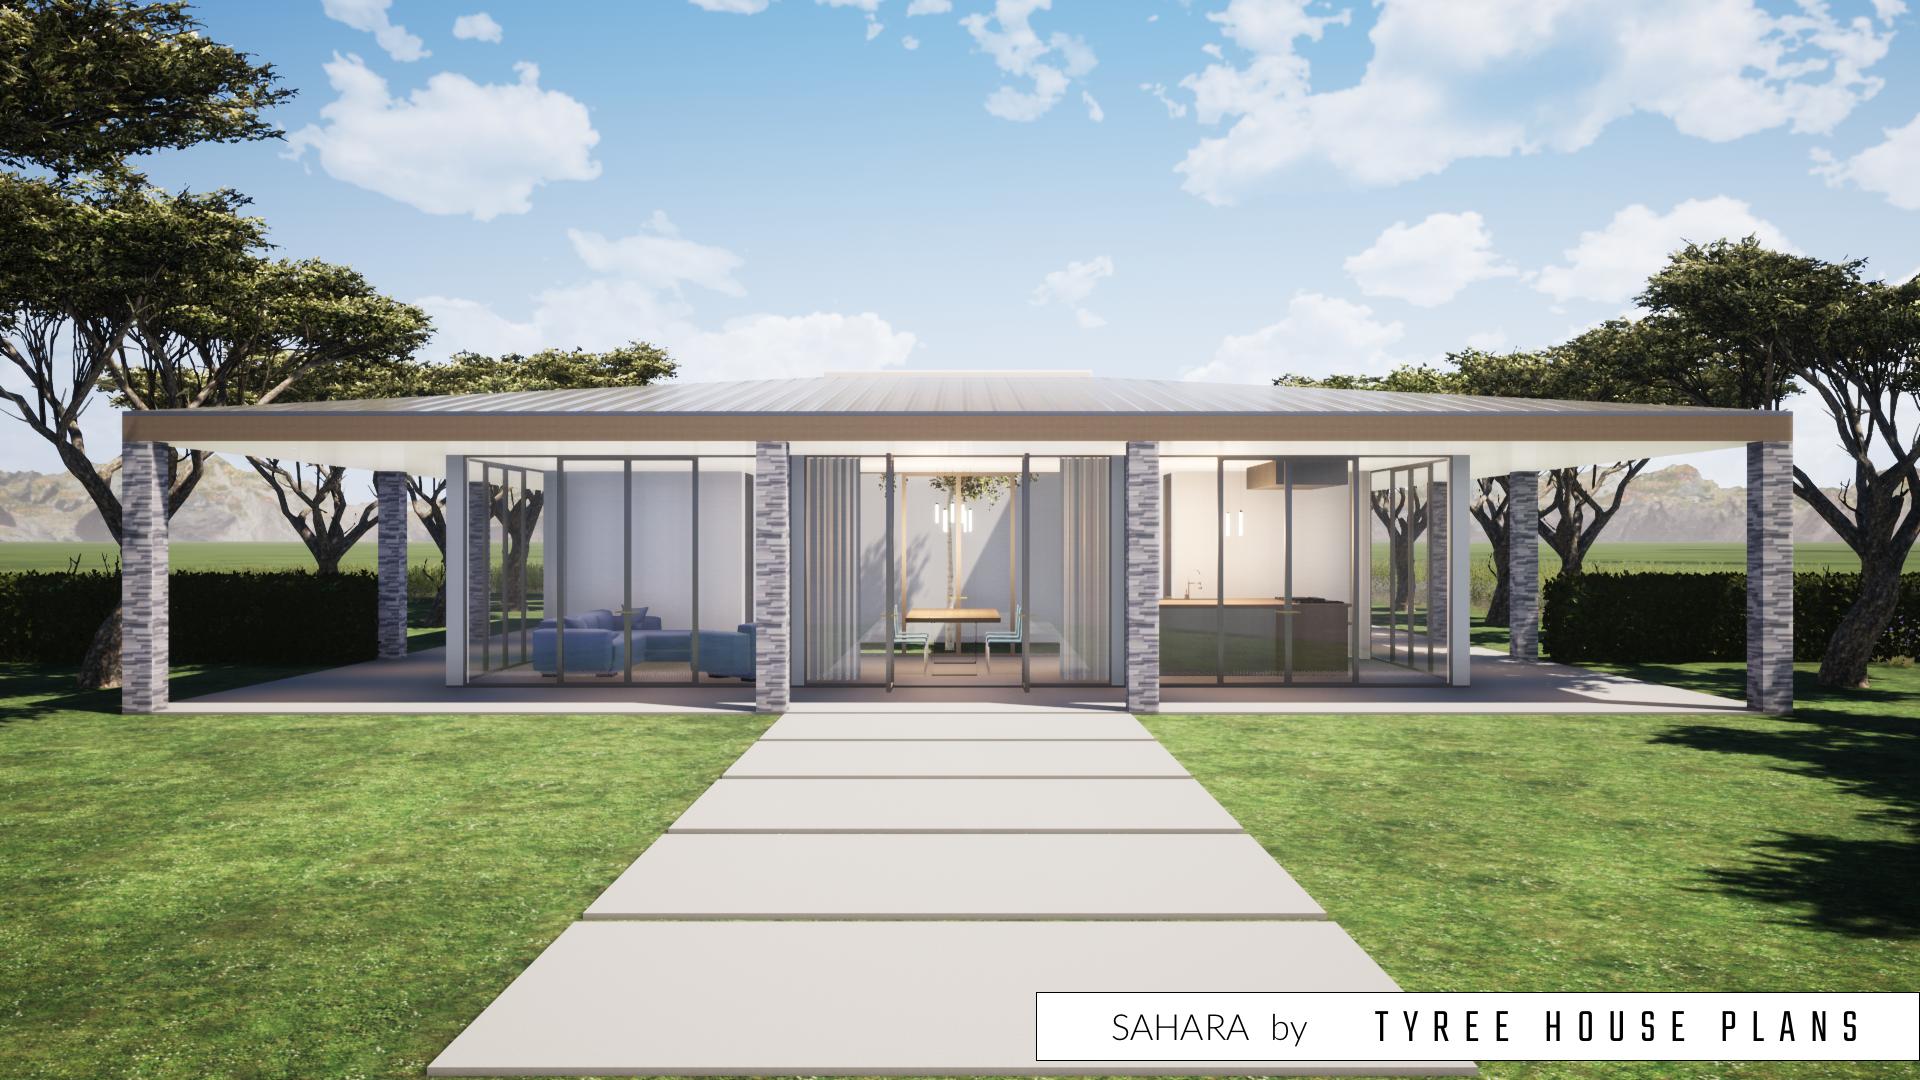 Ein Modernes Haus mit einem WraparoundVeranda. Eine 3